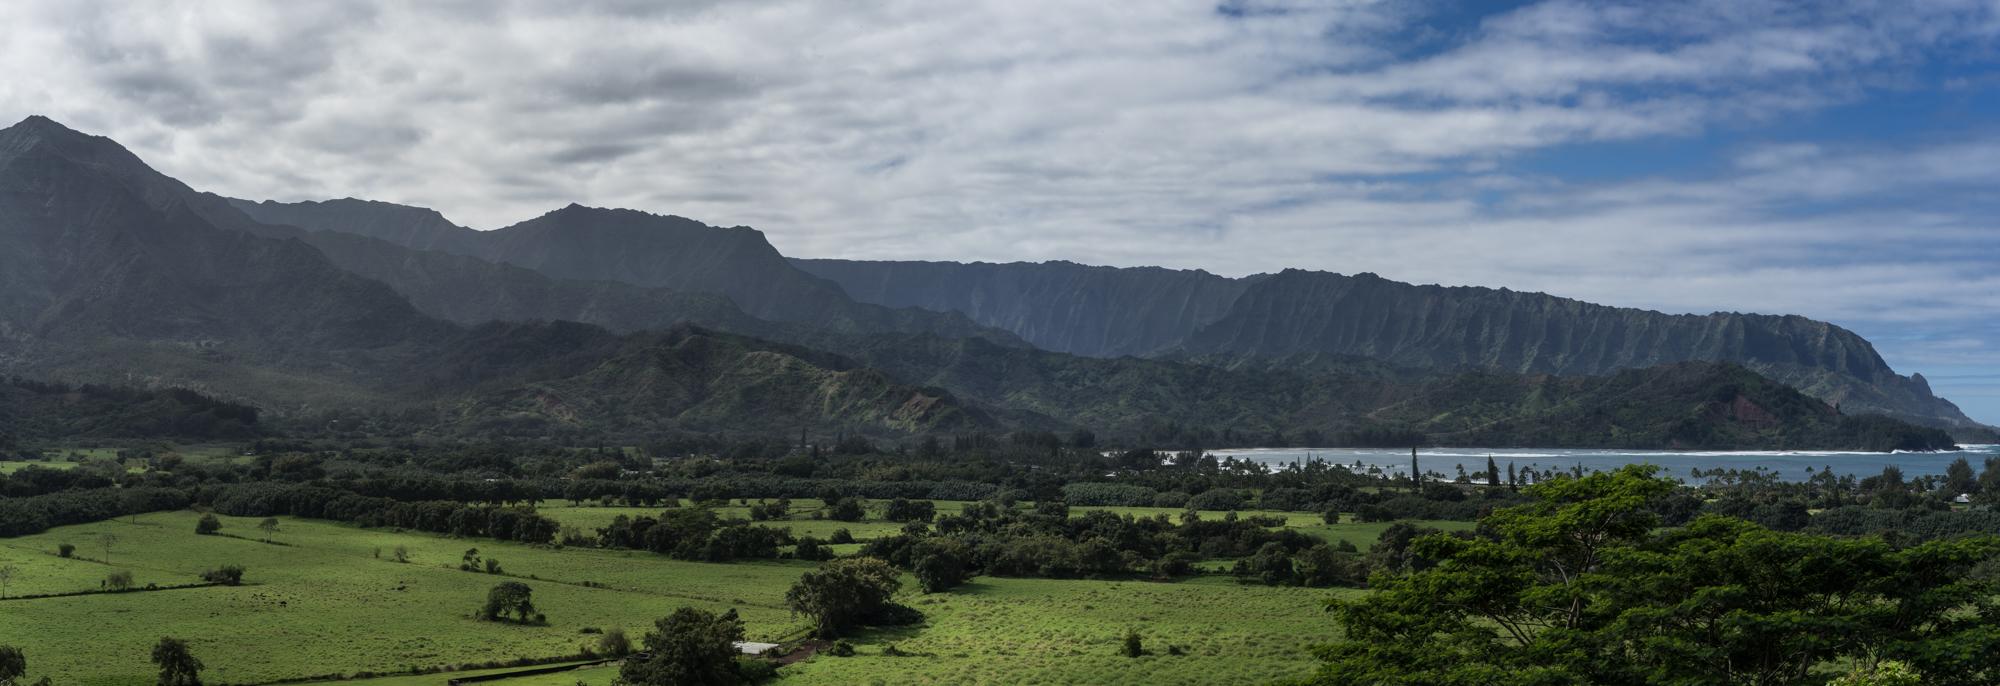 Hawaii-Panorama-2